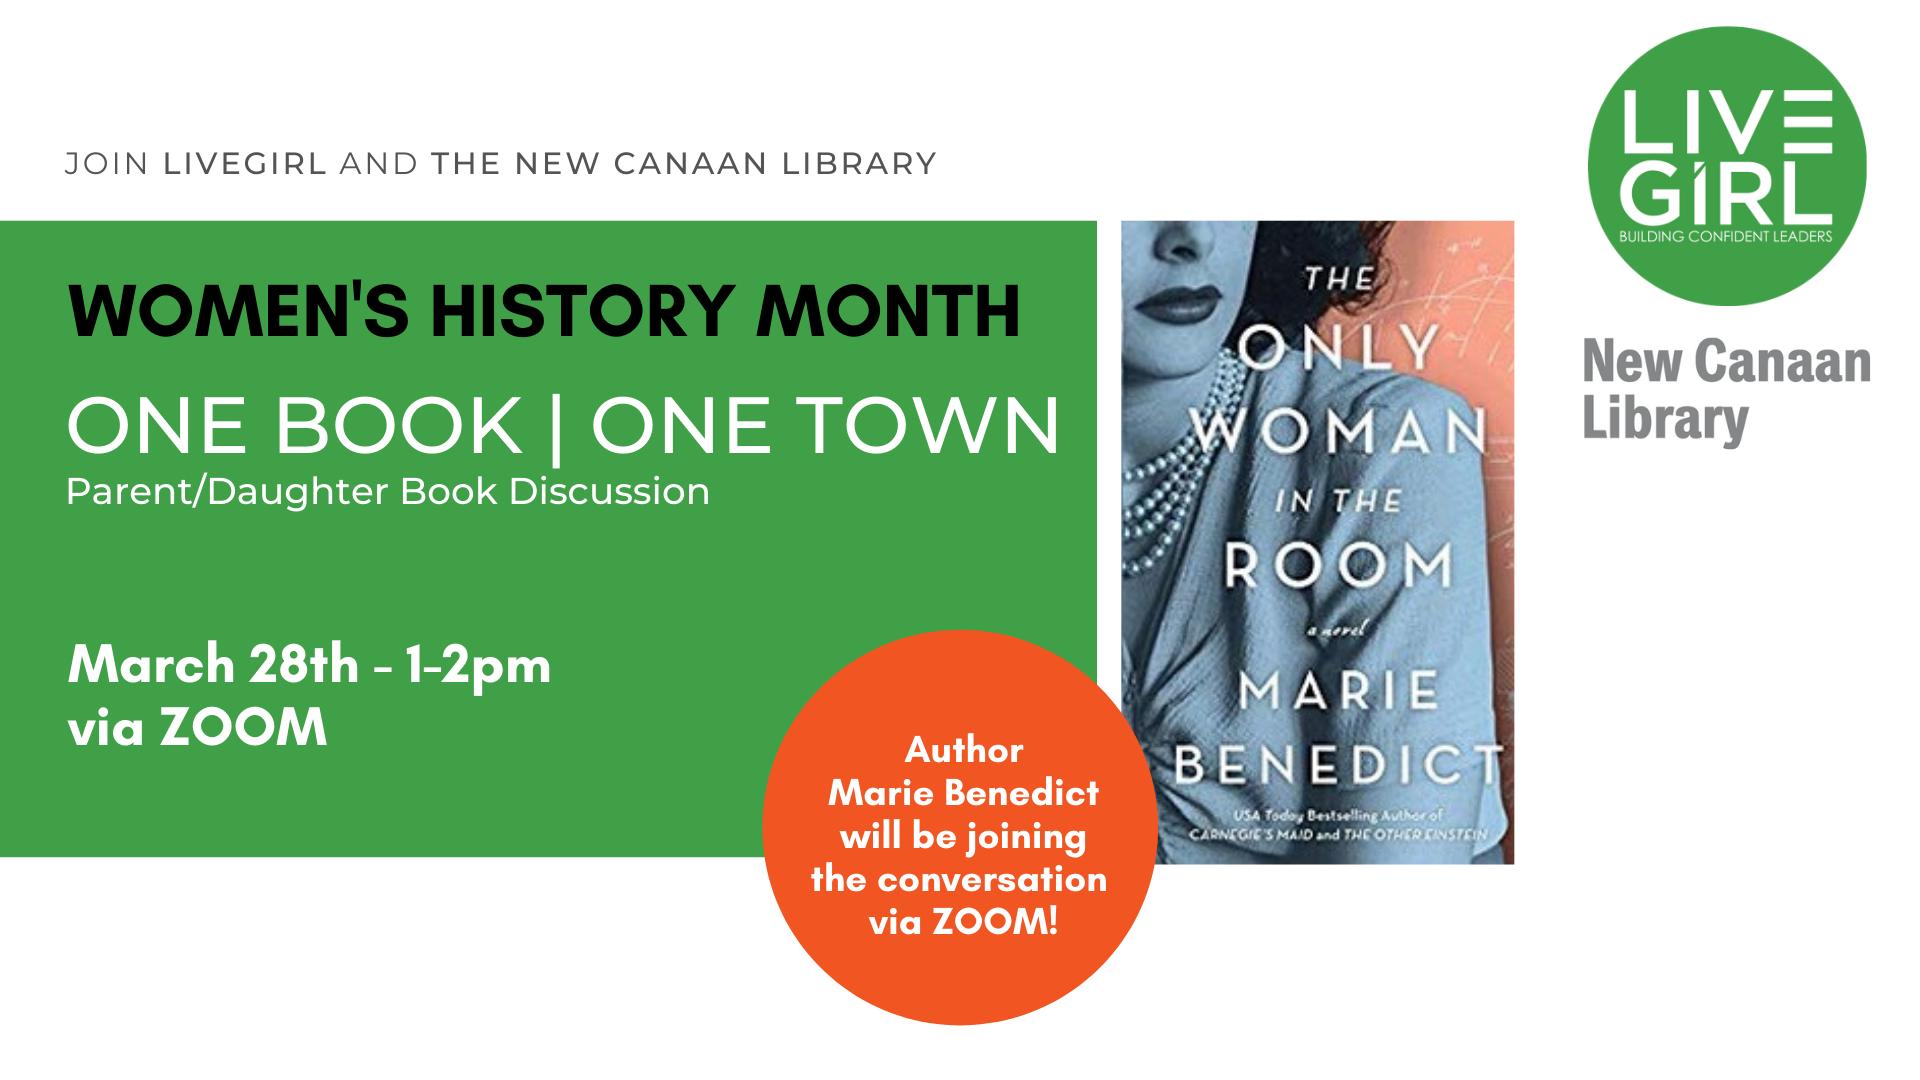 whm book discussion event graphic